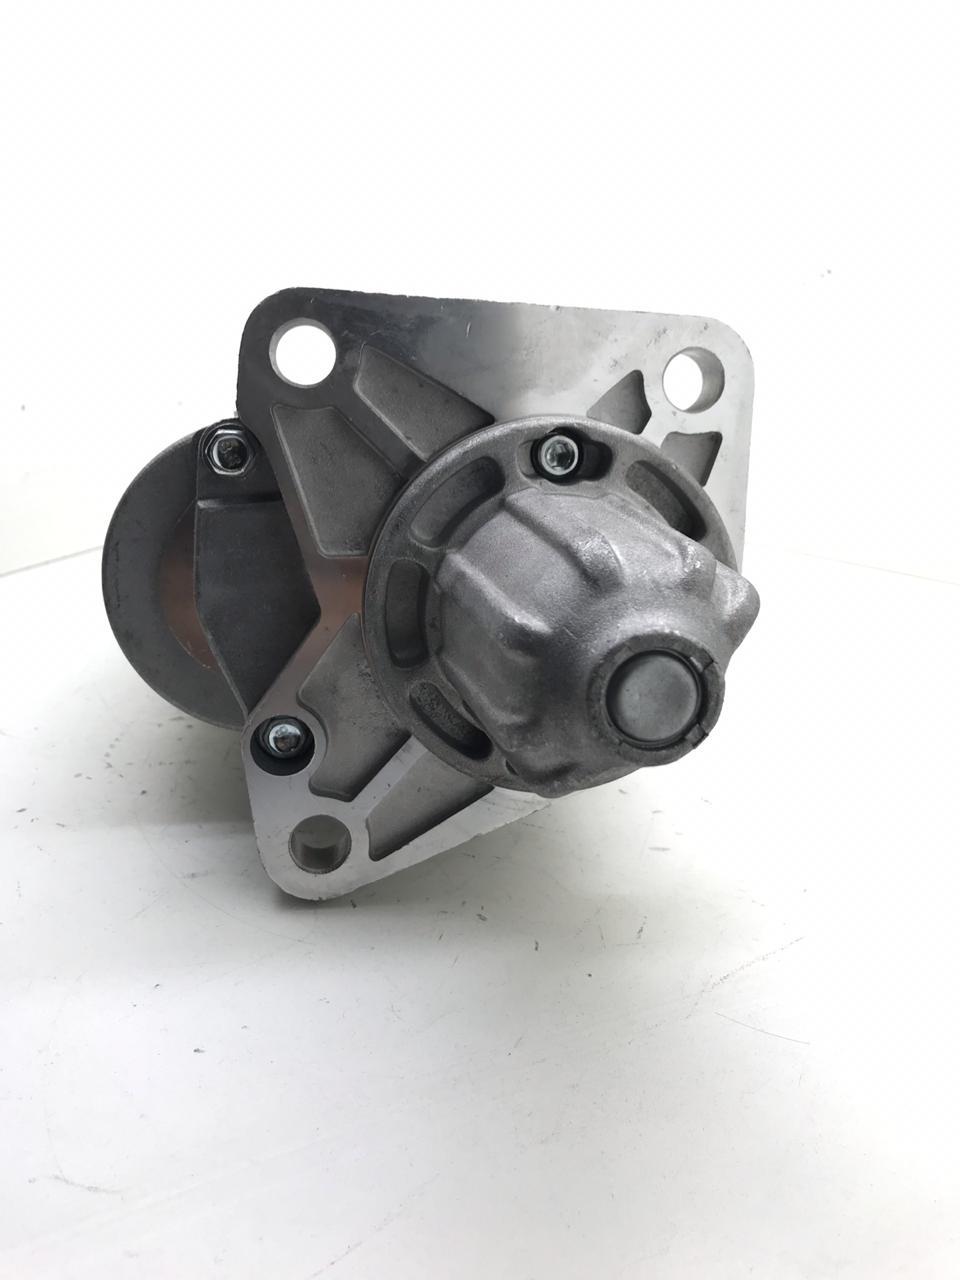 Motor de arranque KIA Besta GS 2.7 3.0 BONGO K2700 DENSO 12V 11 DENTES OK60A18400 031114200 03111 4200 AEC14001